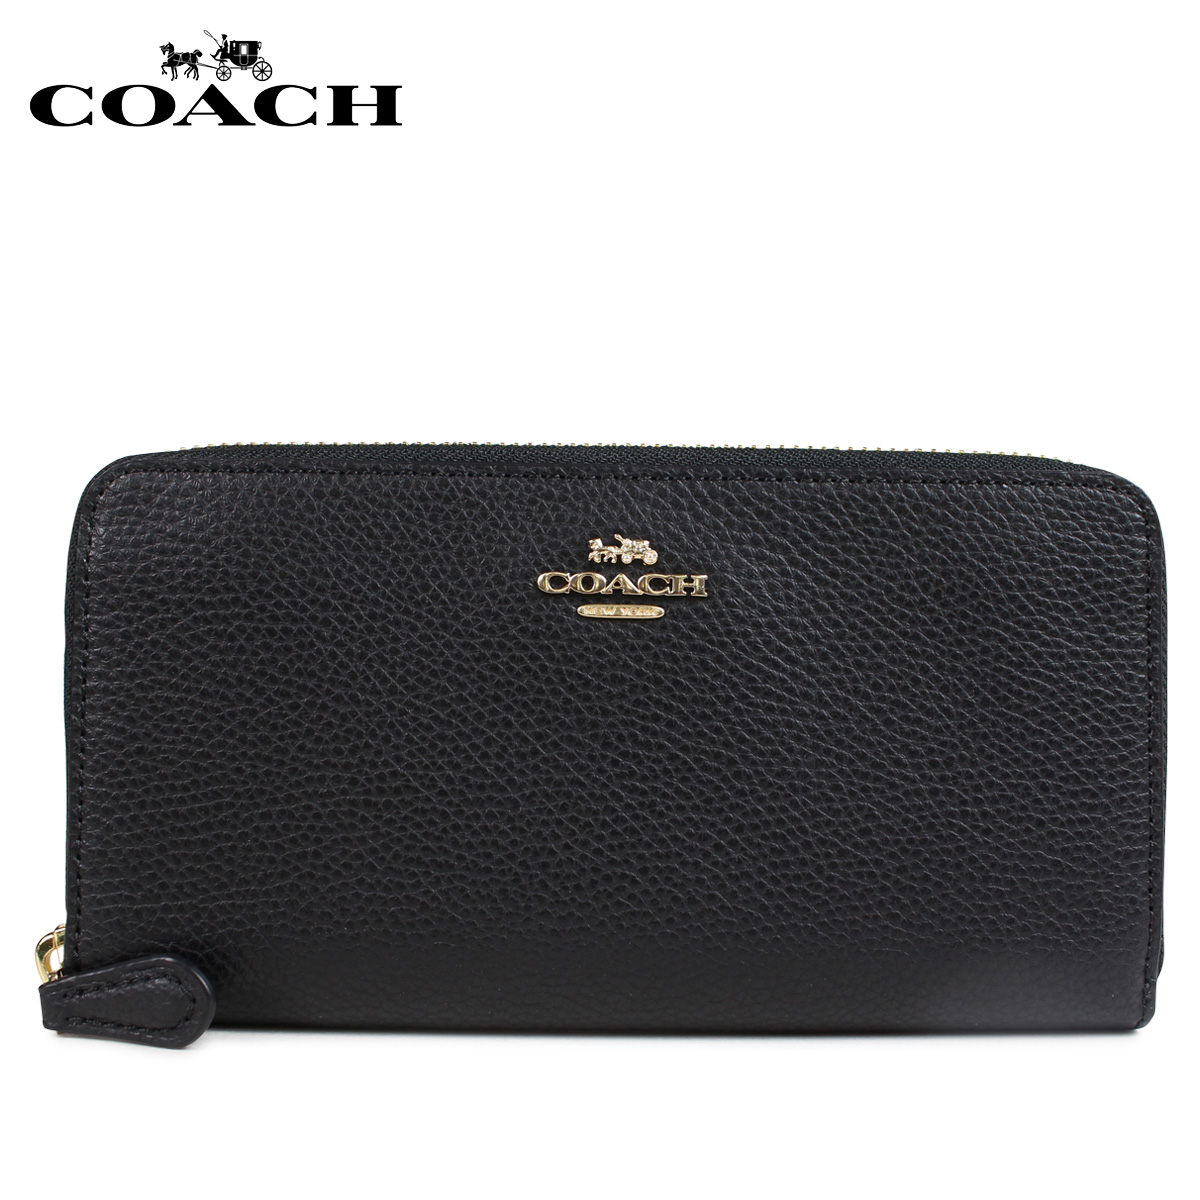 COACH F16612 コーチ 財布 長財布 レディース ラウンドファスナー レザー ブラック 黒